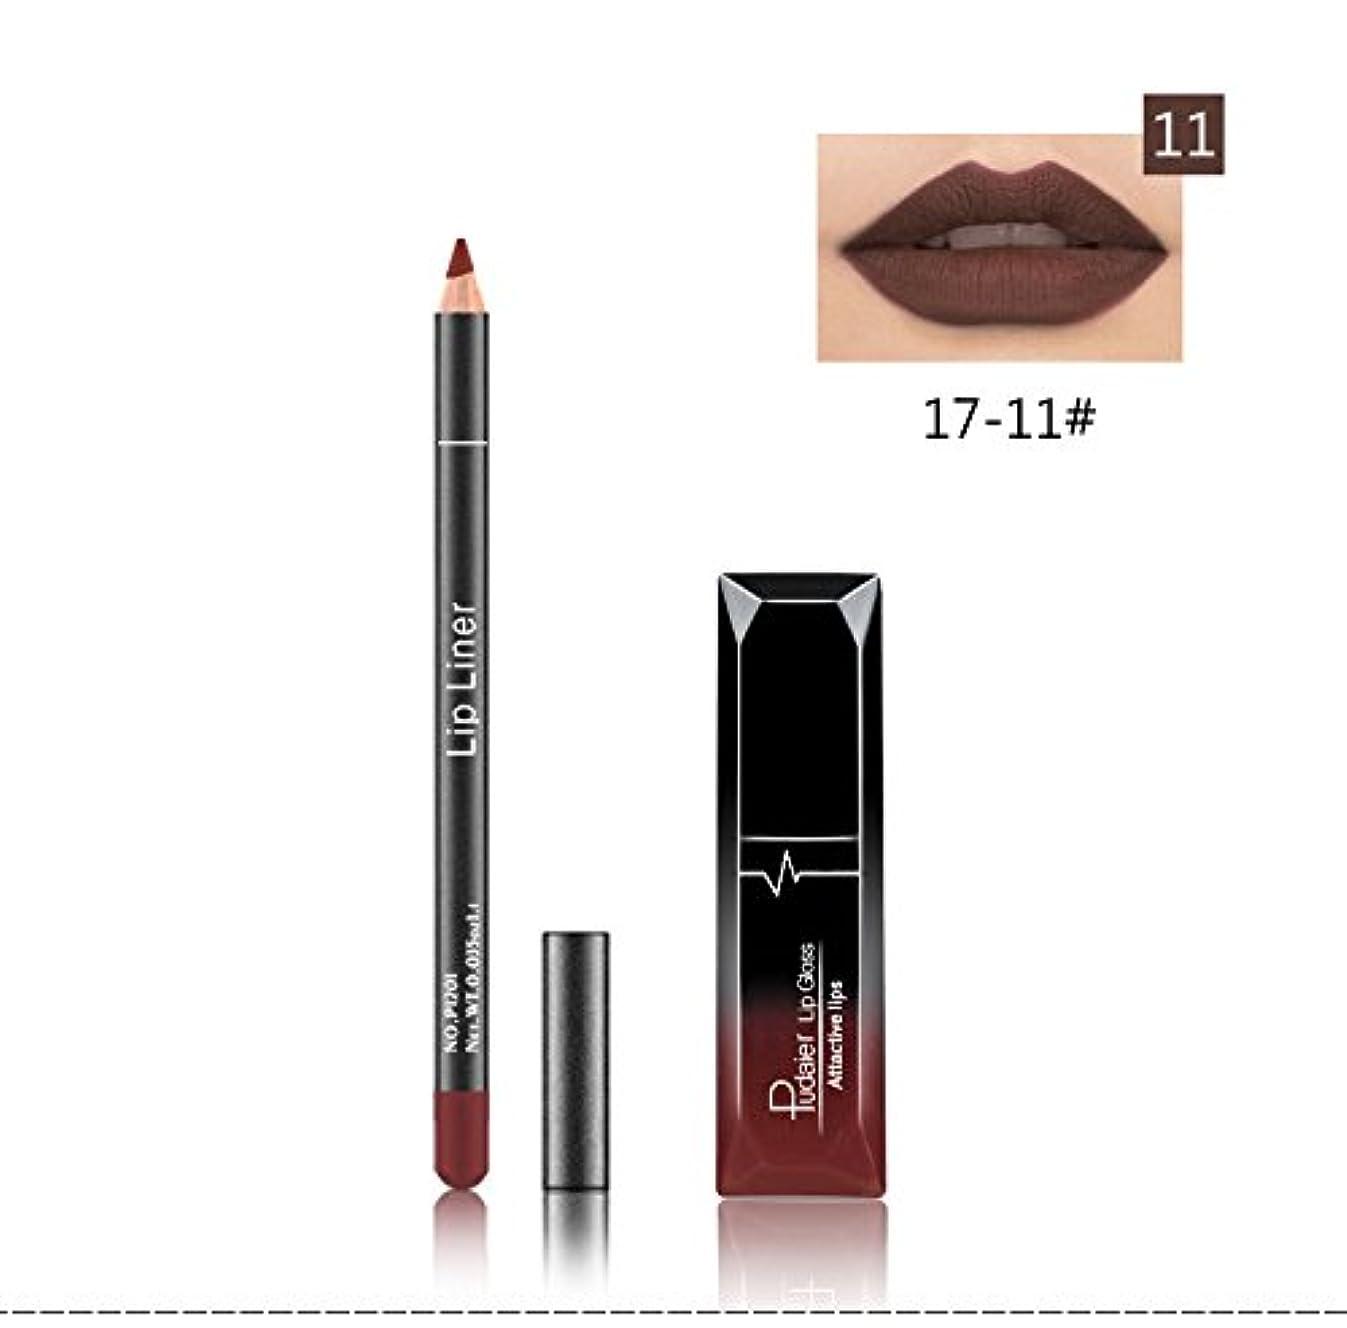 離す難破船市長(11) Pudaier 1pc Matte Liquid Lipstick Cosmetic Lip Kit+ 1 Pc Nude Lip Liner Pencil MakeUp Set Waterproof Long...